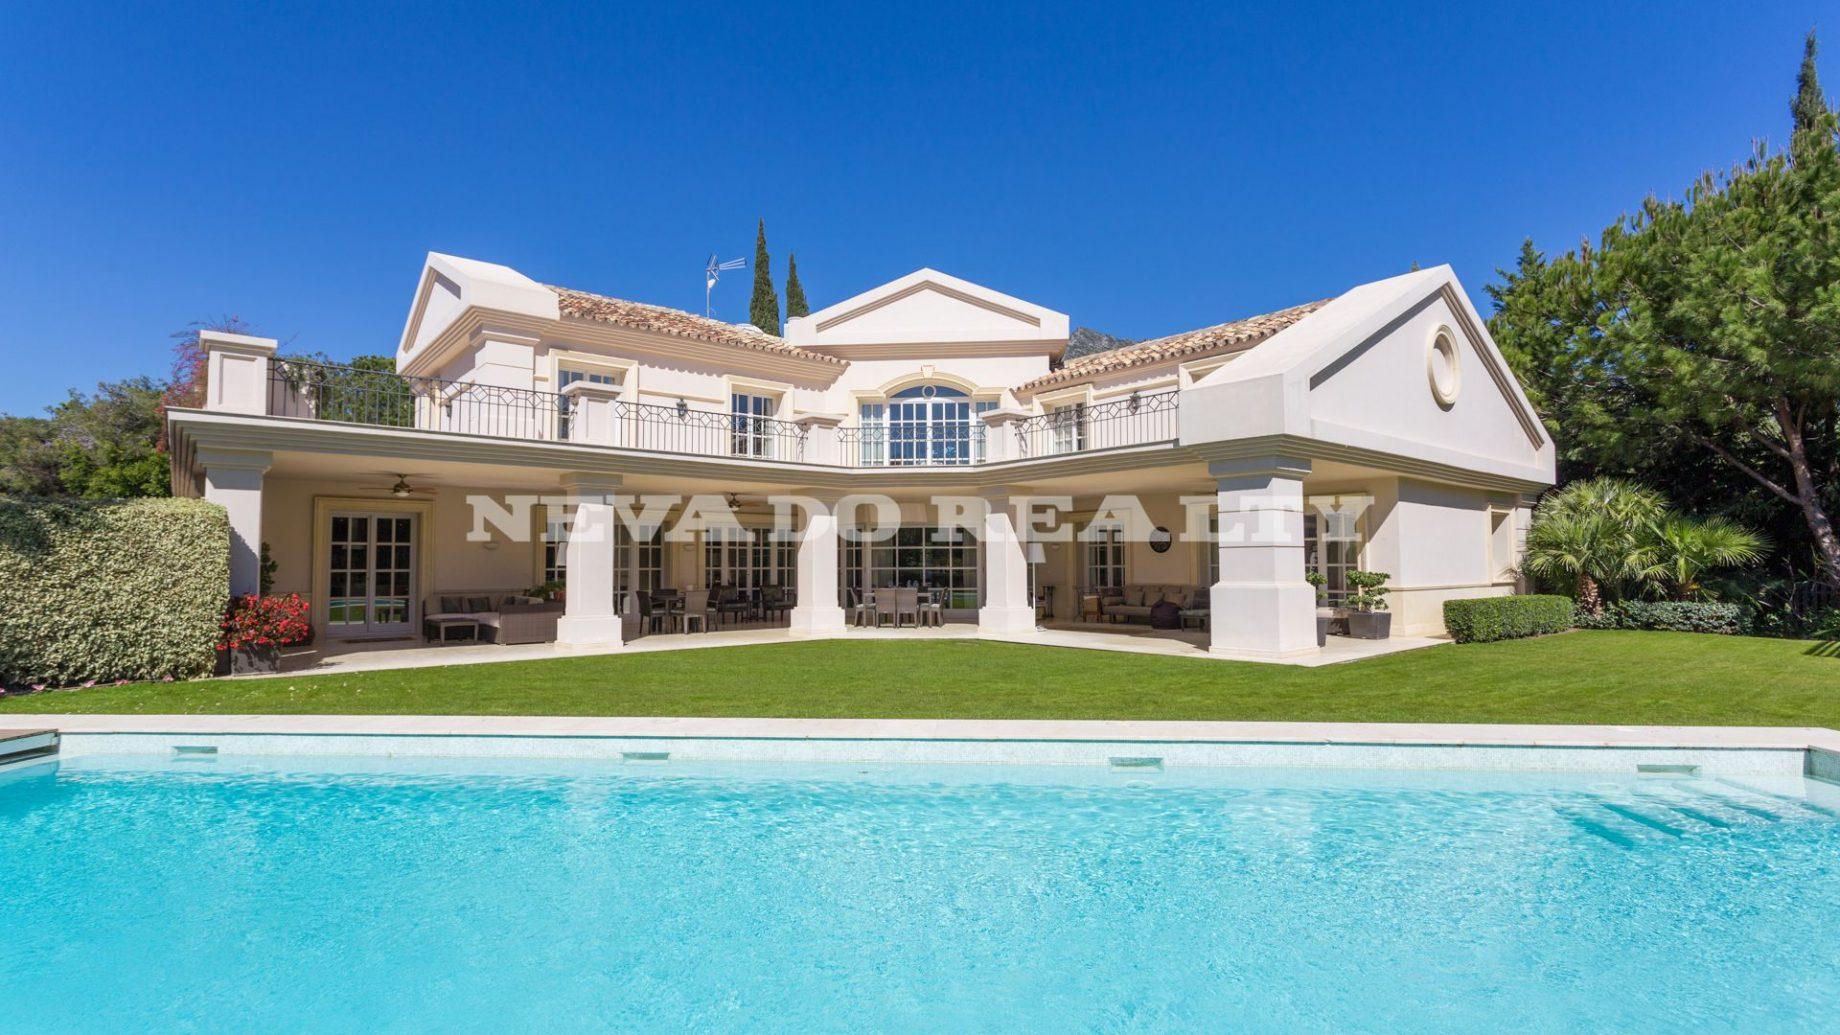 Luxury Villa in altos reales, gated community in Marbella